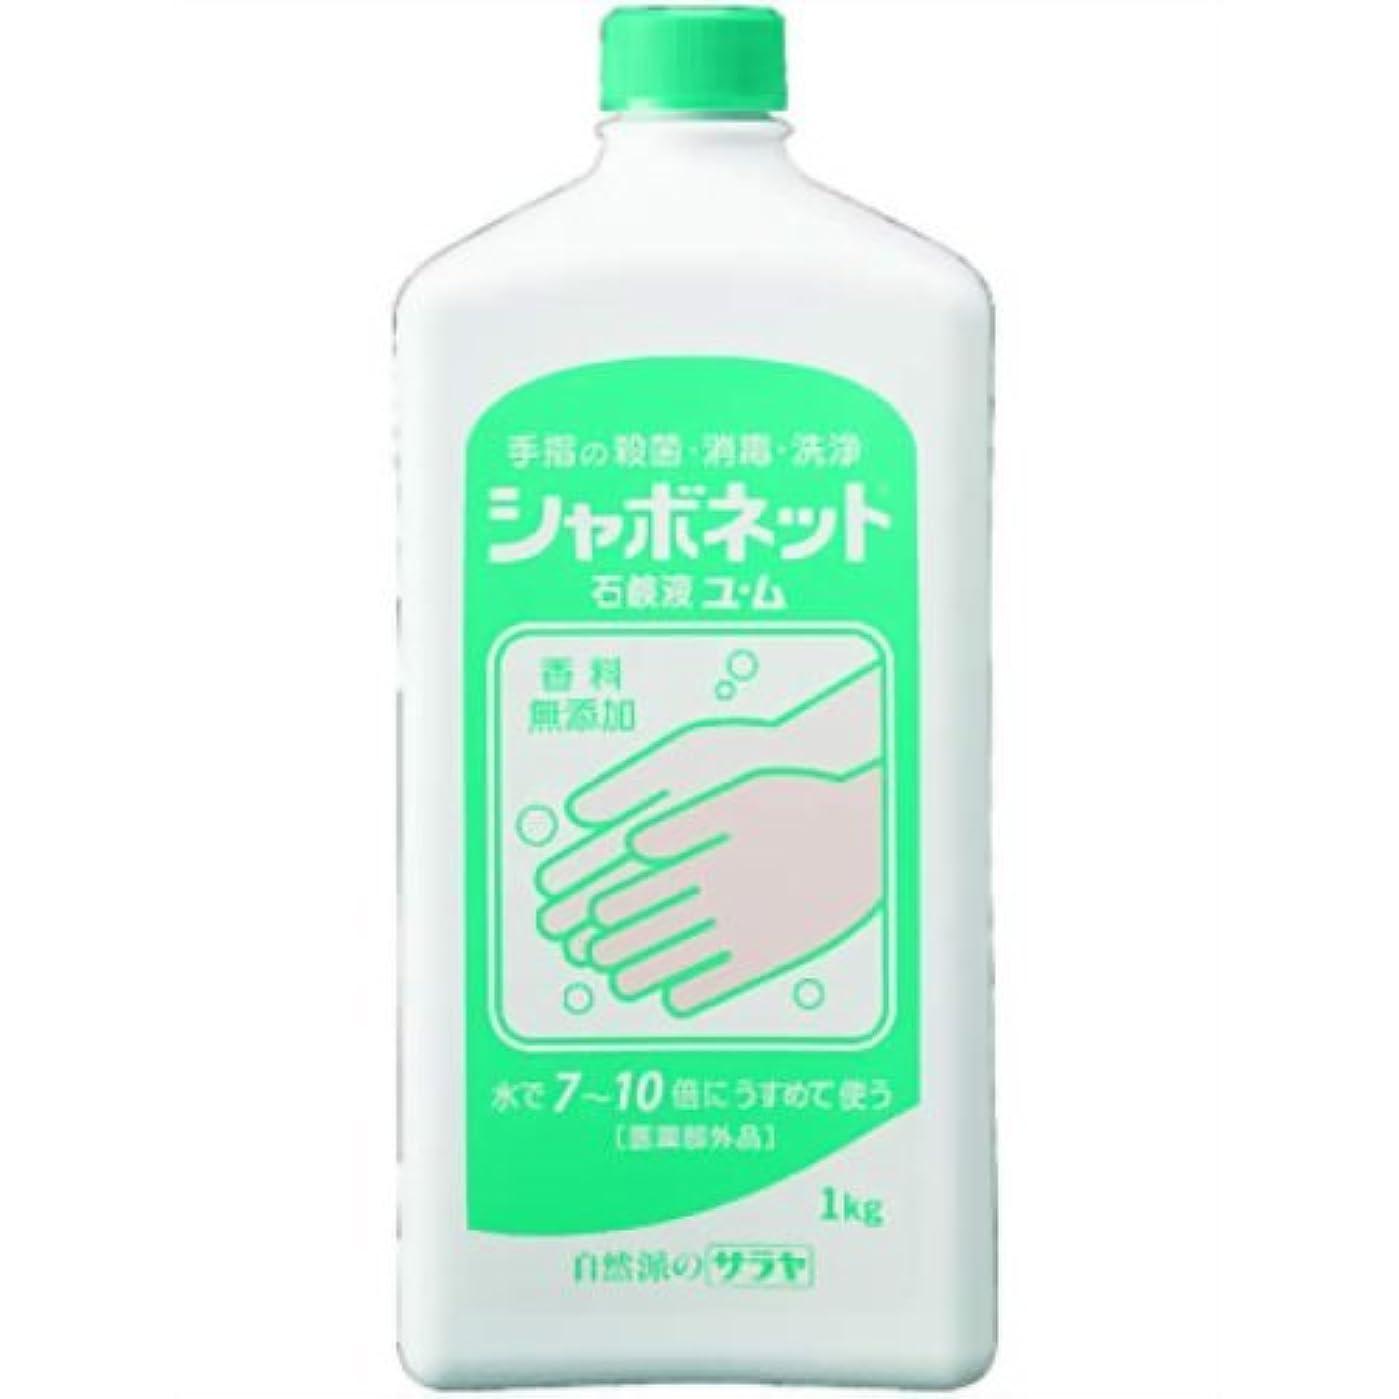 シート性的掘るシャボネット石鹸液ユ?ム 1kg